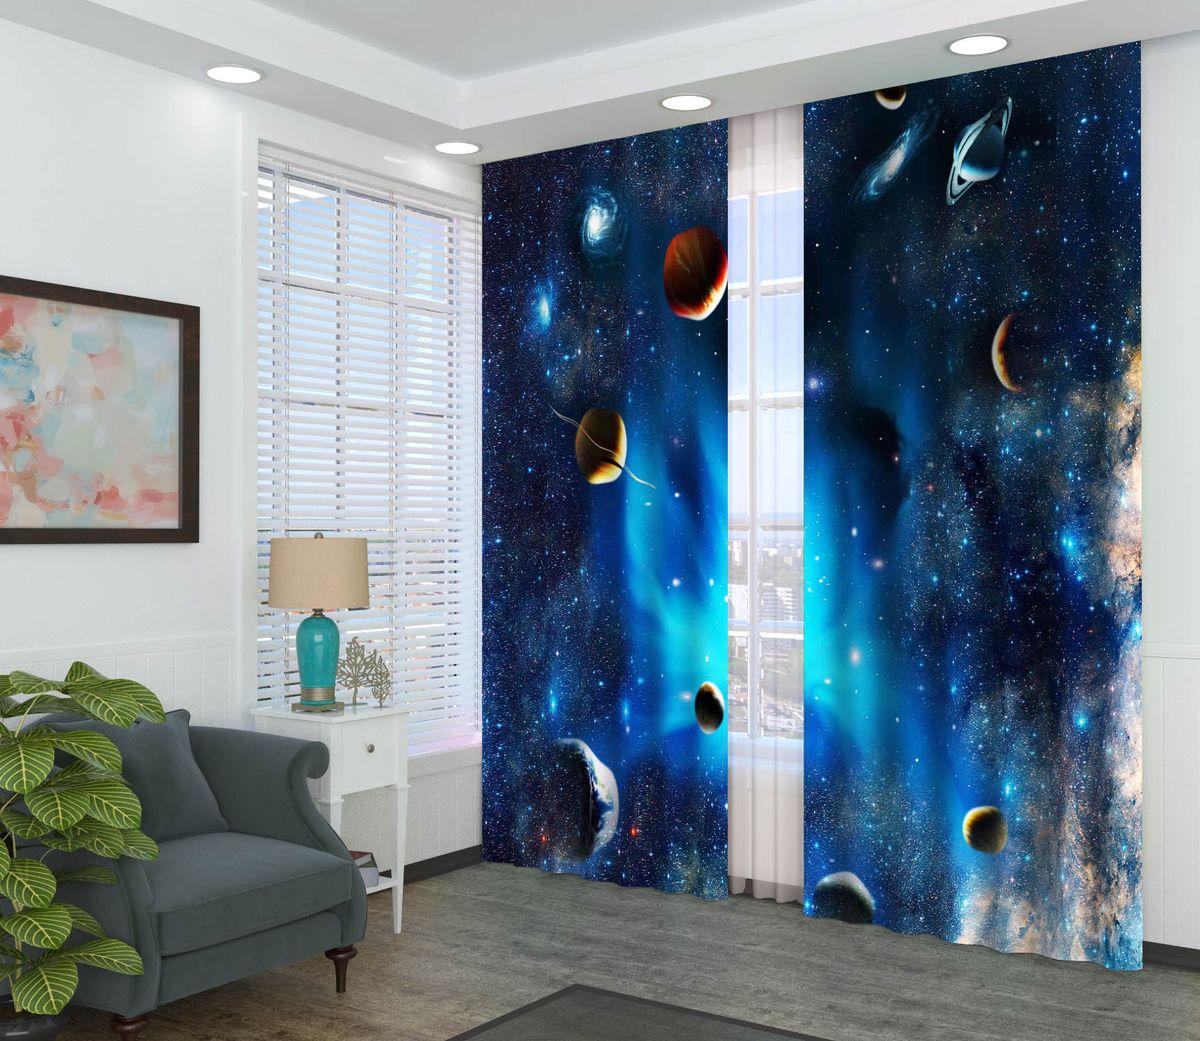 Комплект фотоштор Сирень Вселенная, на ленте, высота 260 см комплект фотоштор сирень водопад для двоих на ленте высота 260 см 03747 фш бл 001